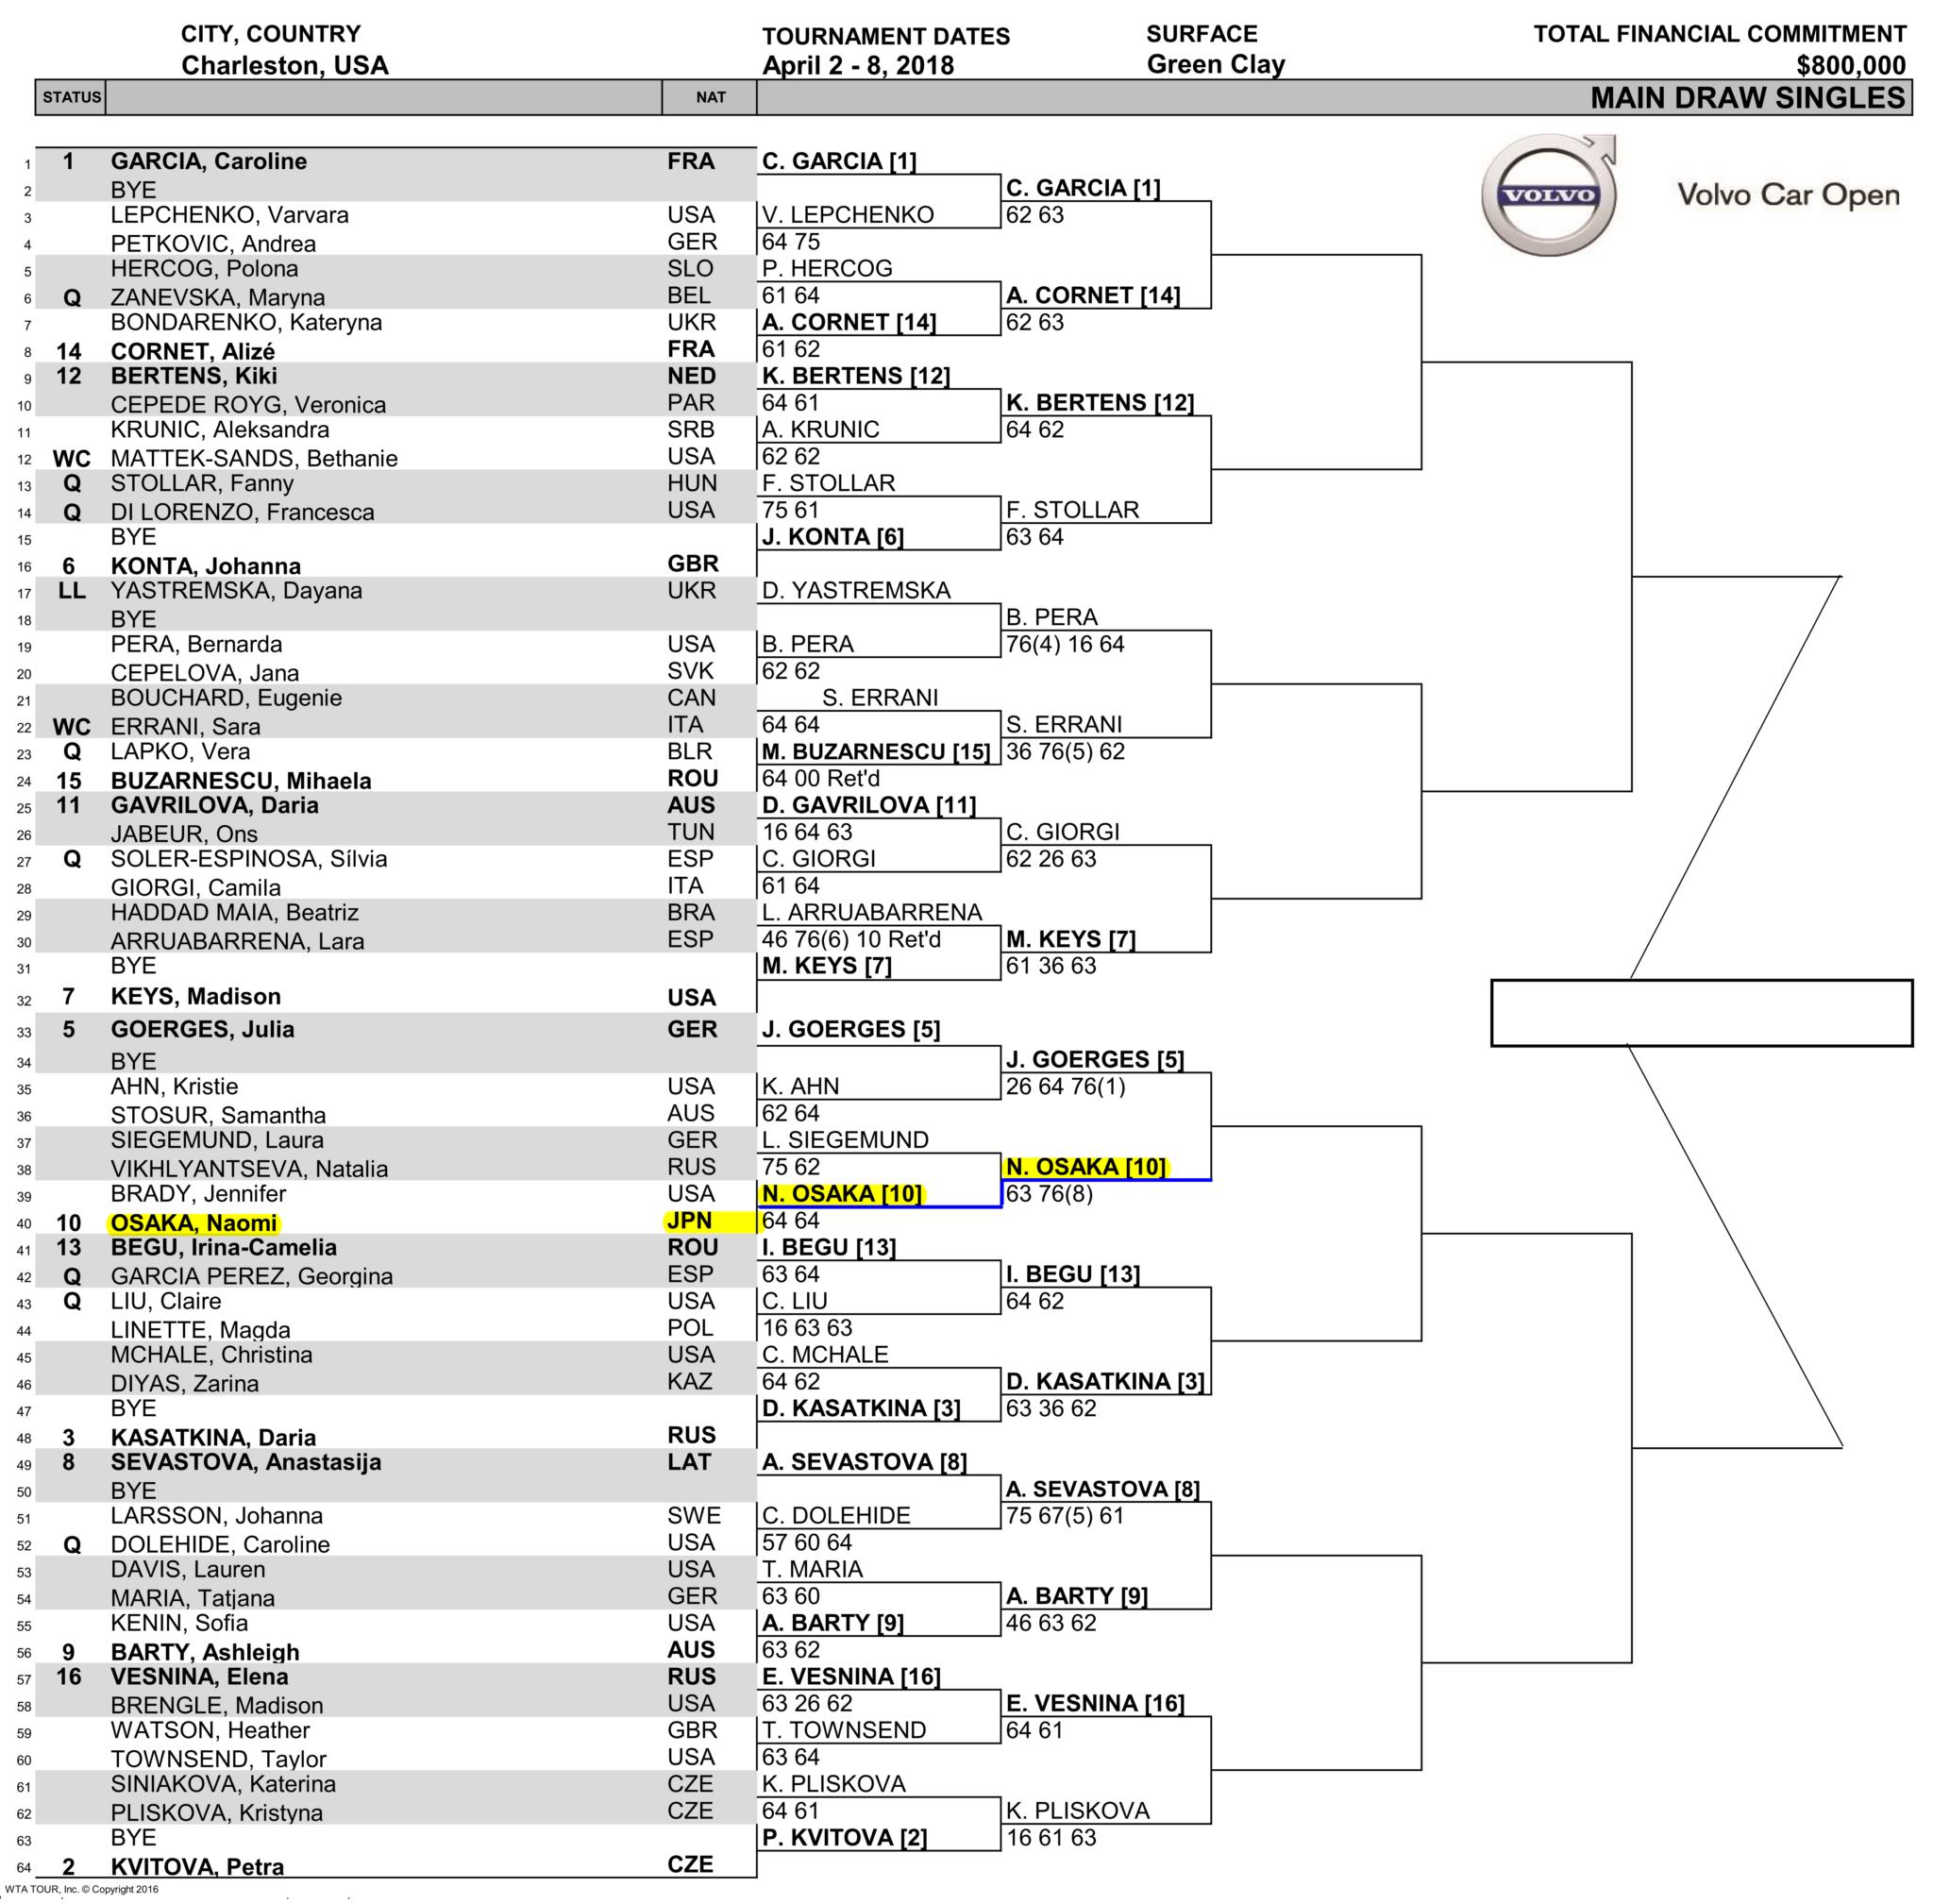 ボルボカーズオープン3回戦のドロー(トーナメント表)